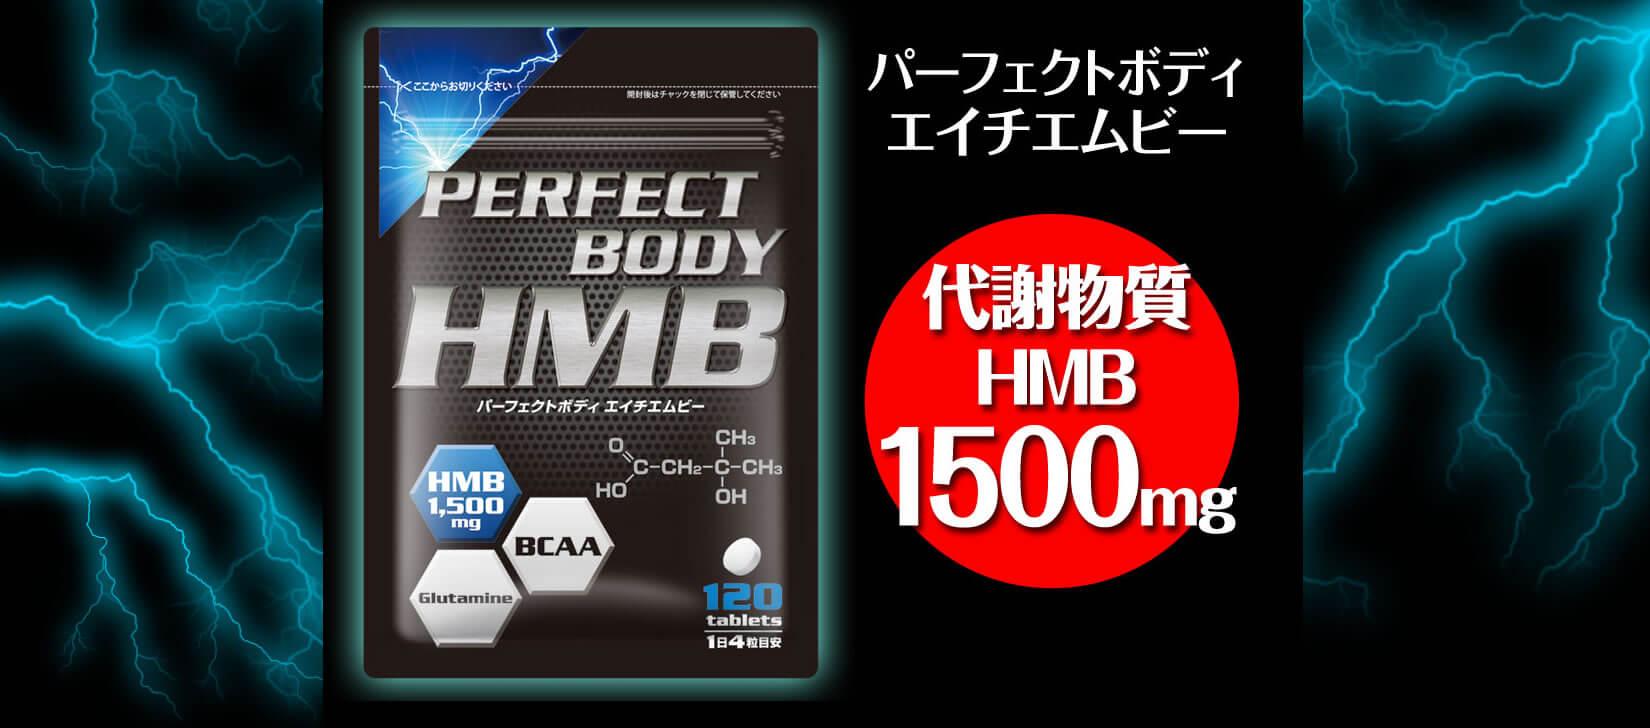 パーフェクトボディHMBの成分HMB